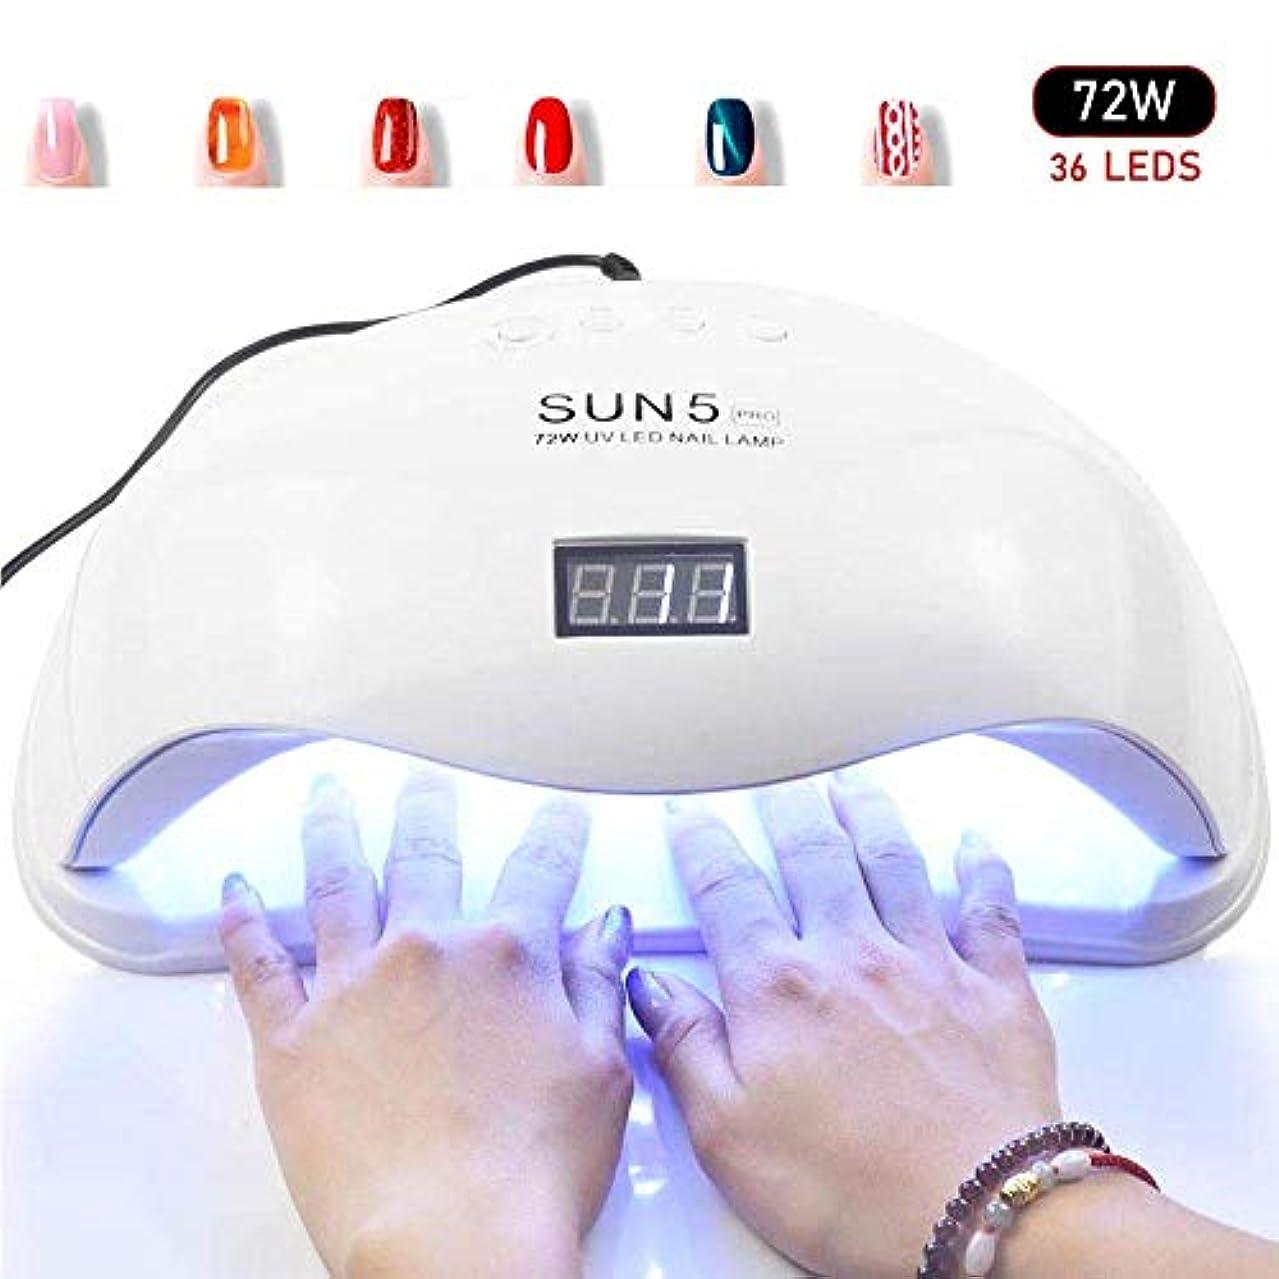 ワイン方言付き添い人72W UVライト LEDネイルランプ LED ネイルドライヤー 赤外線センシング 10/30 / 60s/99sタイマー設定 速乾 UVライトネイルポリッシュ用 (72W)